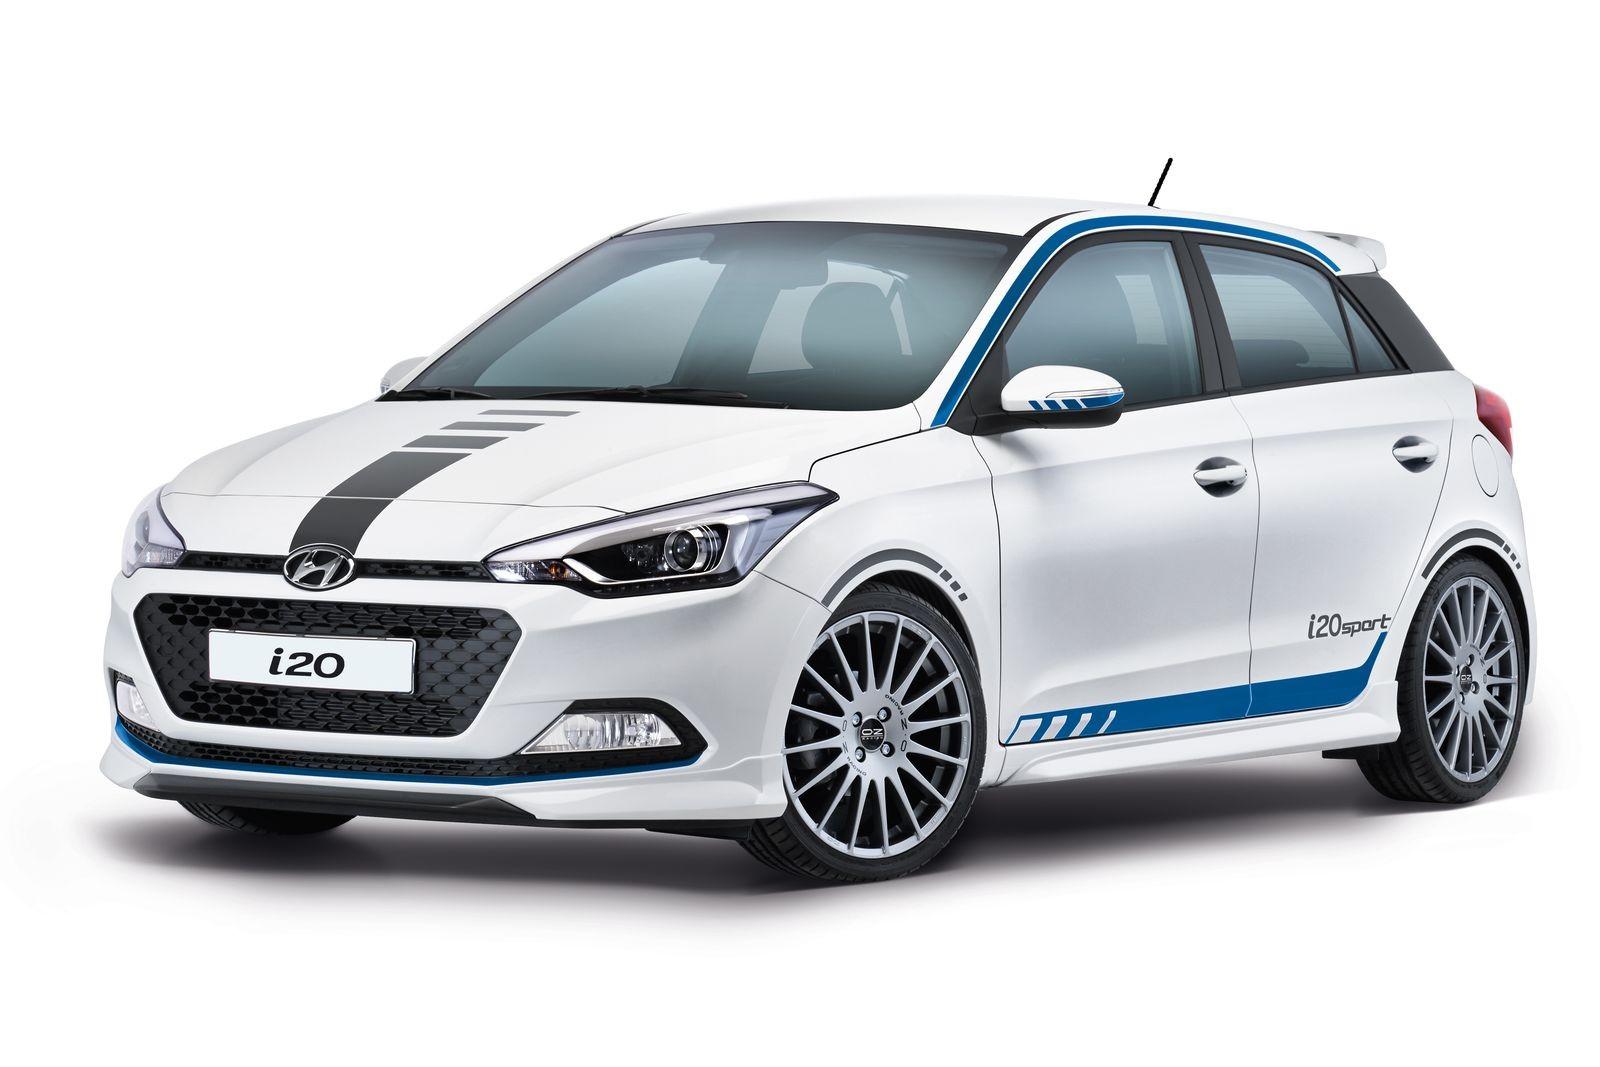 Hyundai i20 Sport для рынка Германии